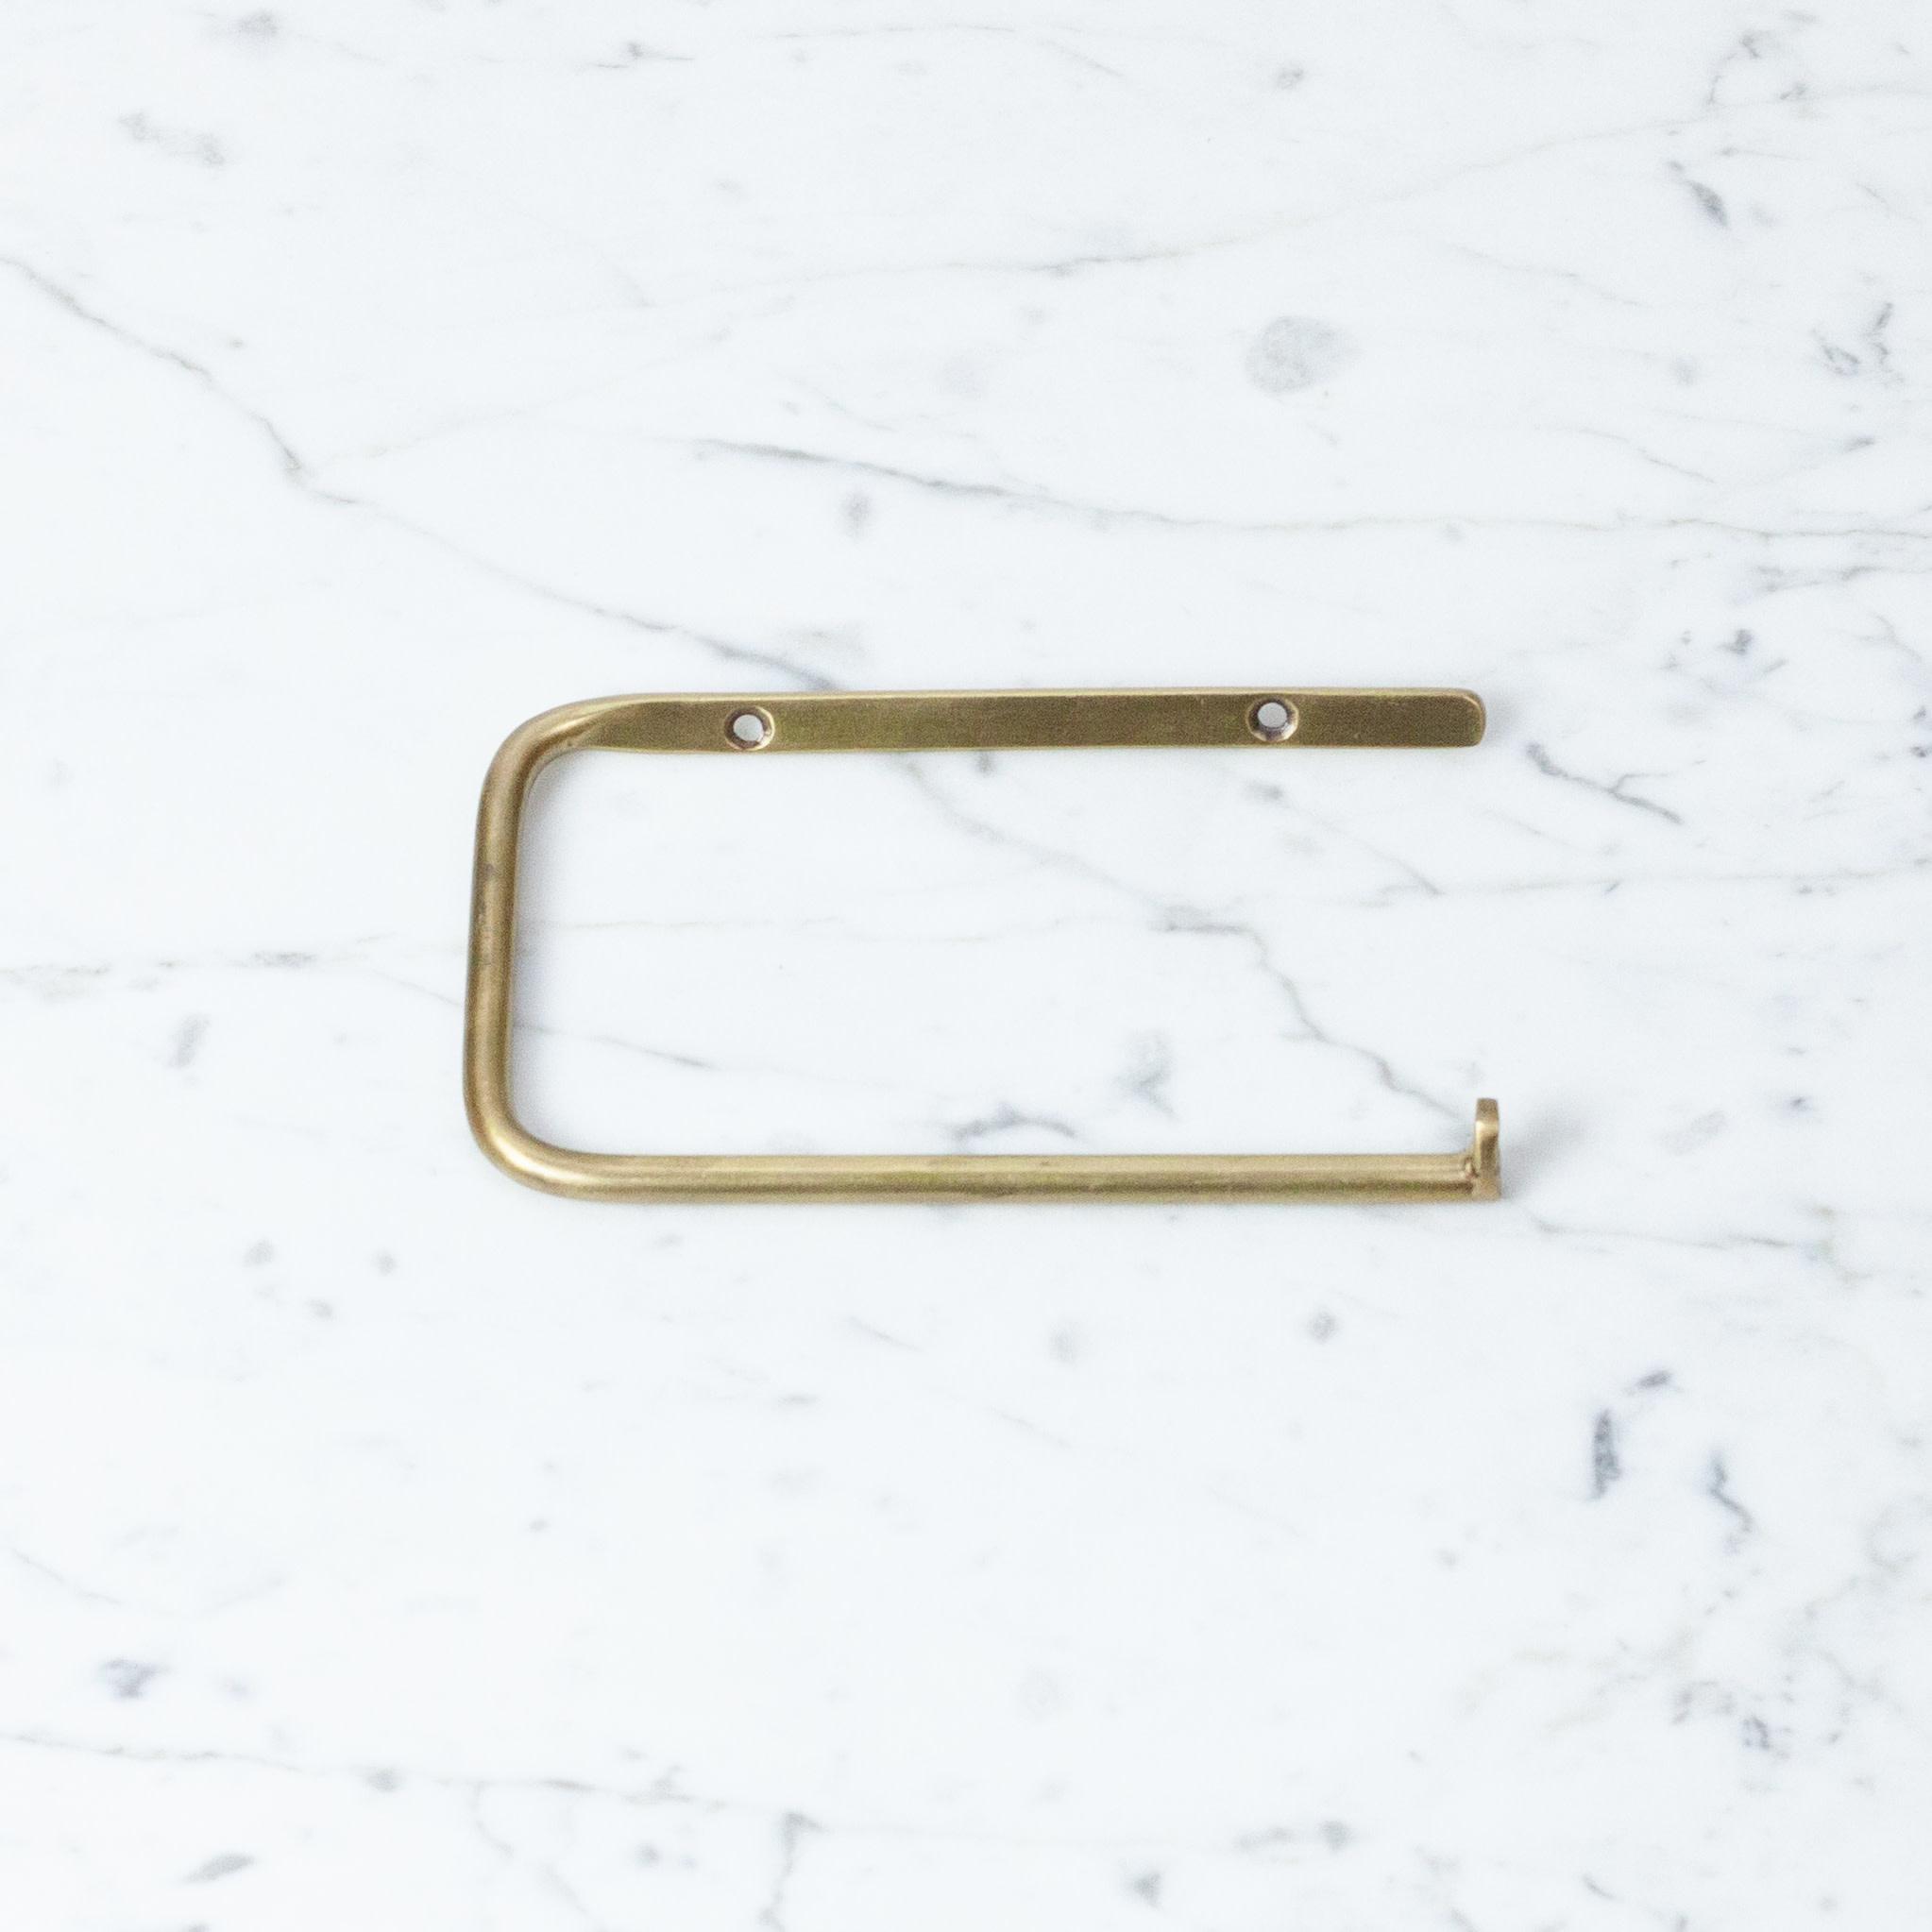 Brass Toilet Paper Holder for Single Roll